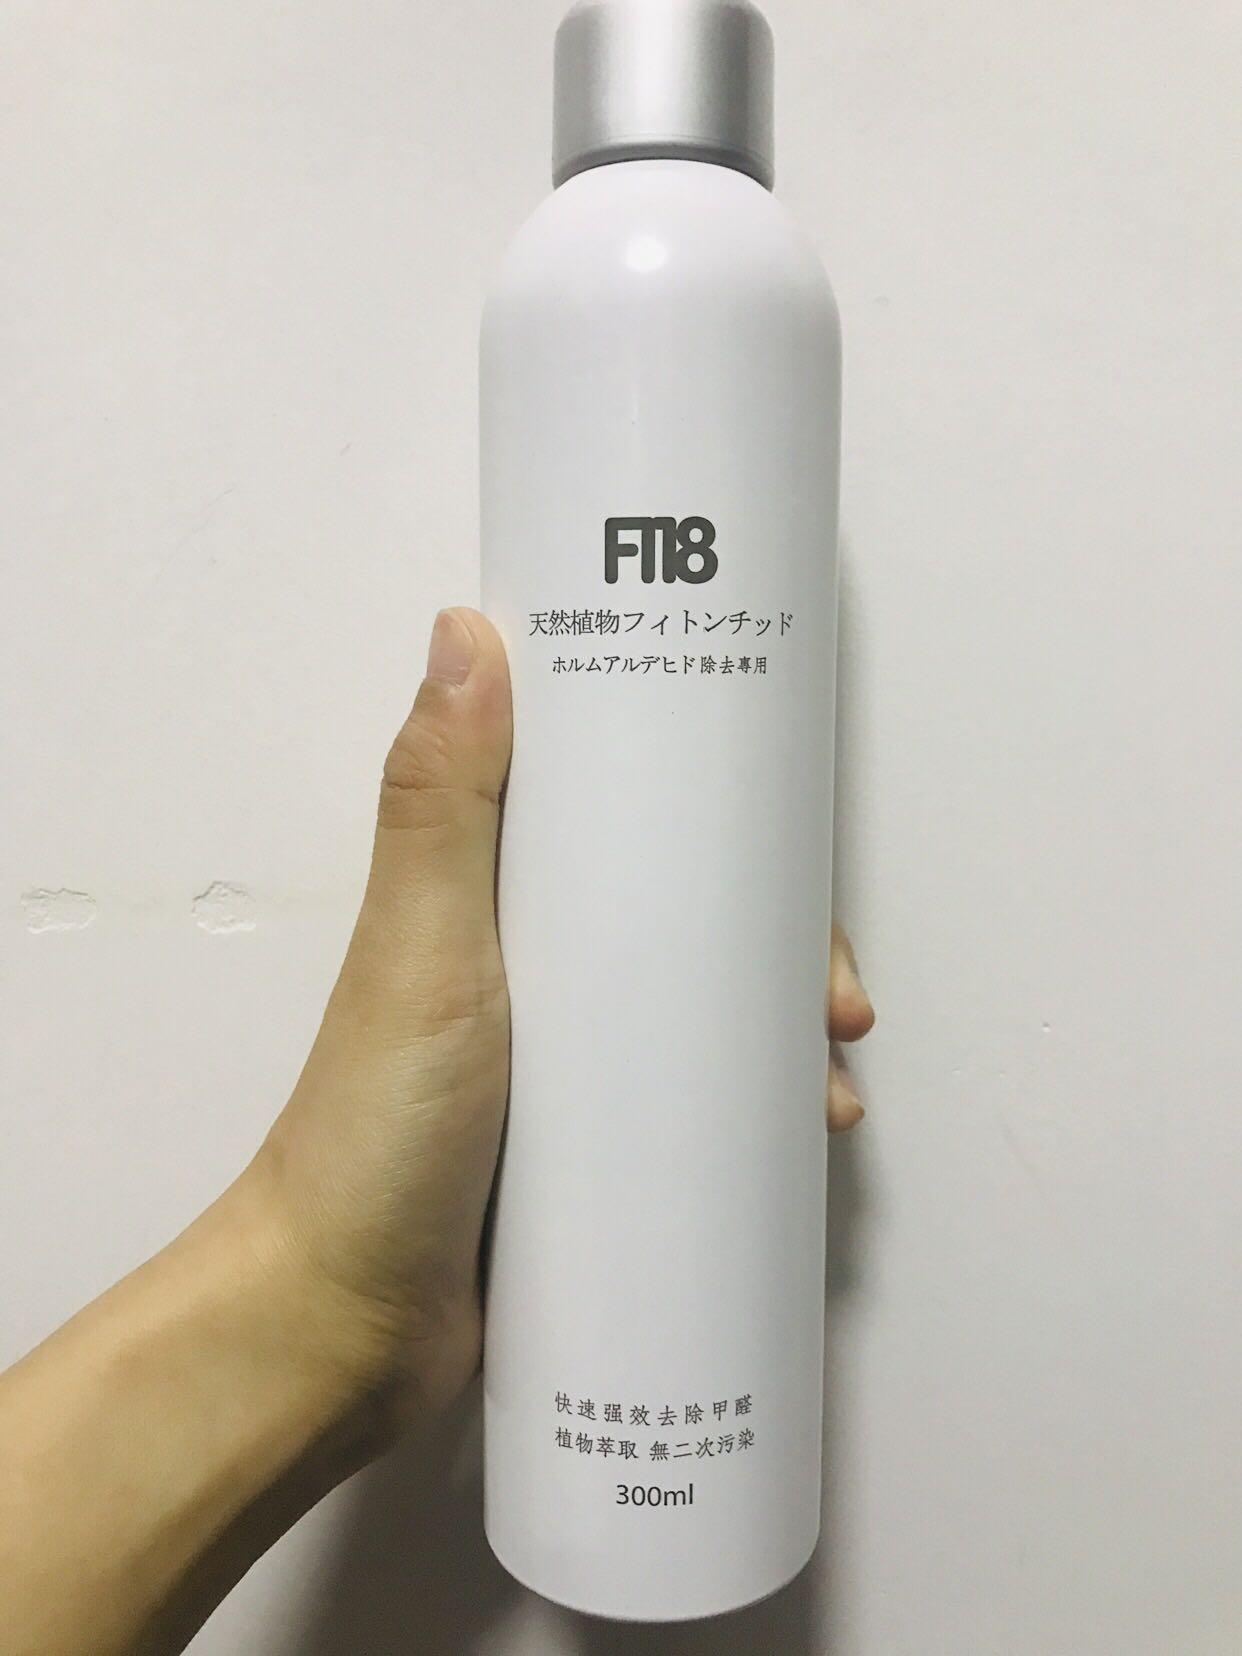 F118品牌的除甲醛喷剂吸收甲醛介绍